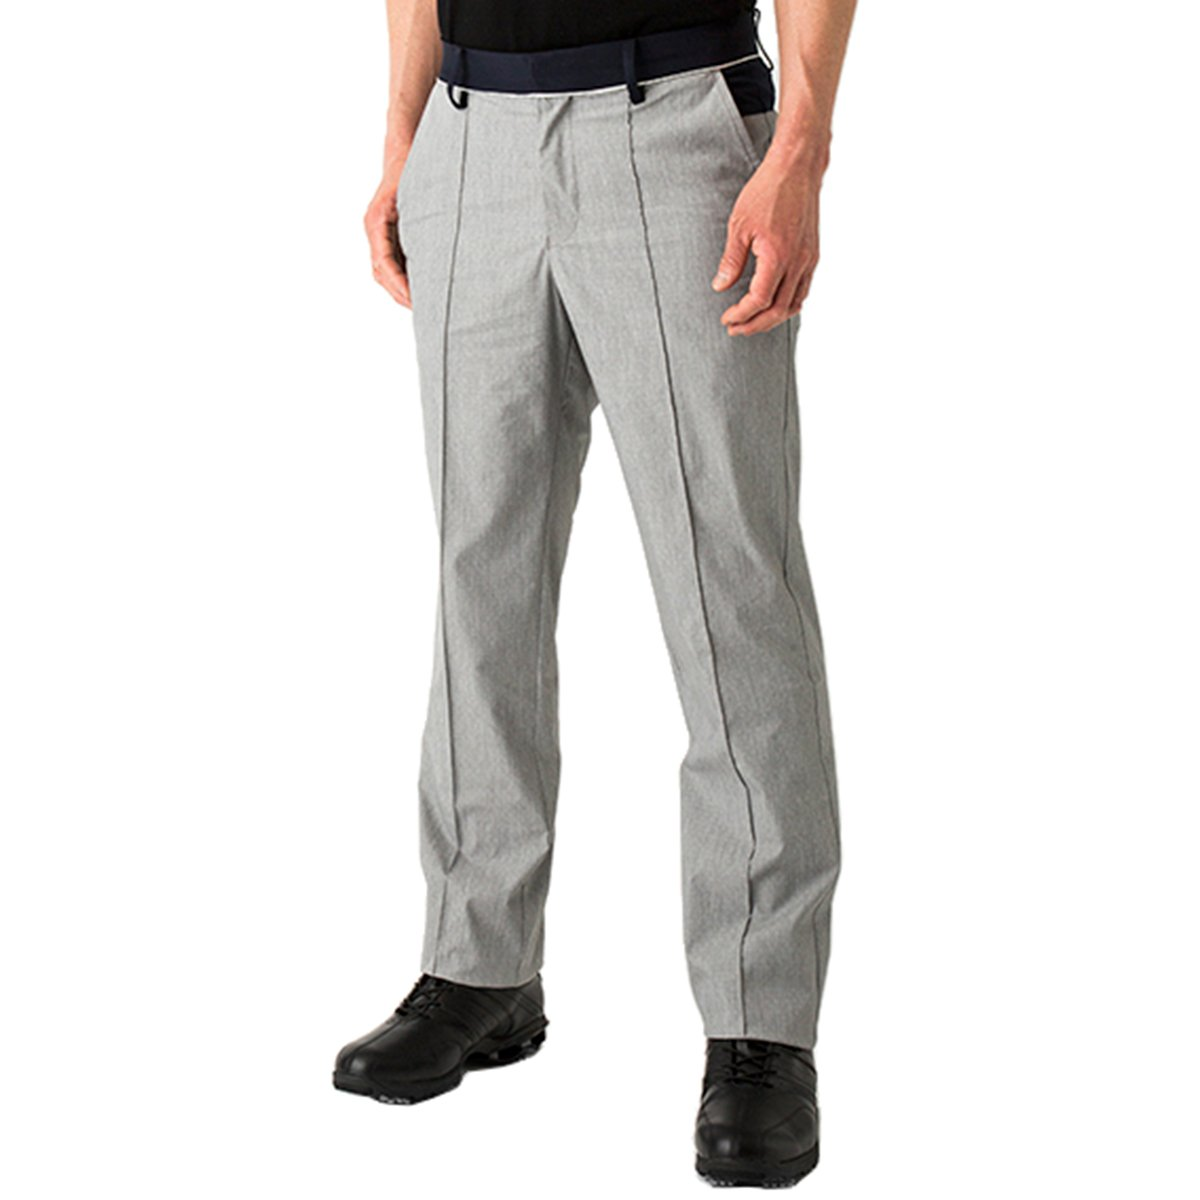 プロギア PRGR ロングパンツ パンツ B07CJGQ1WZ L|グレー グレー L